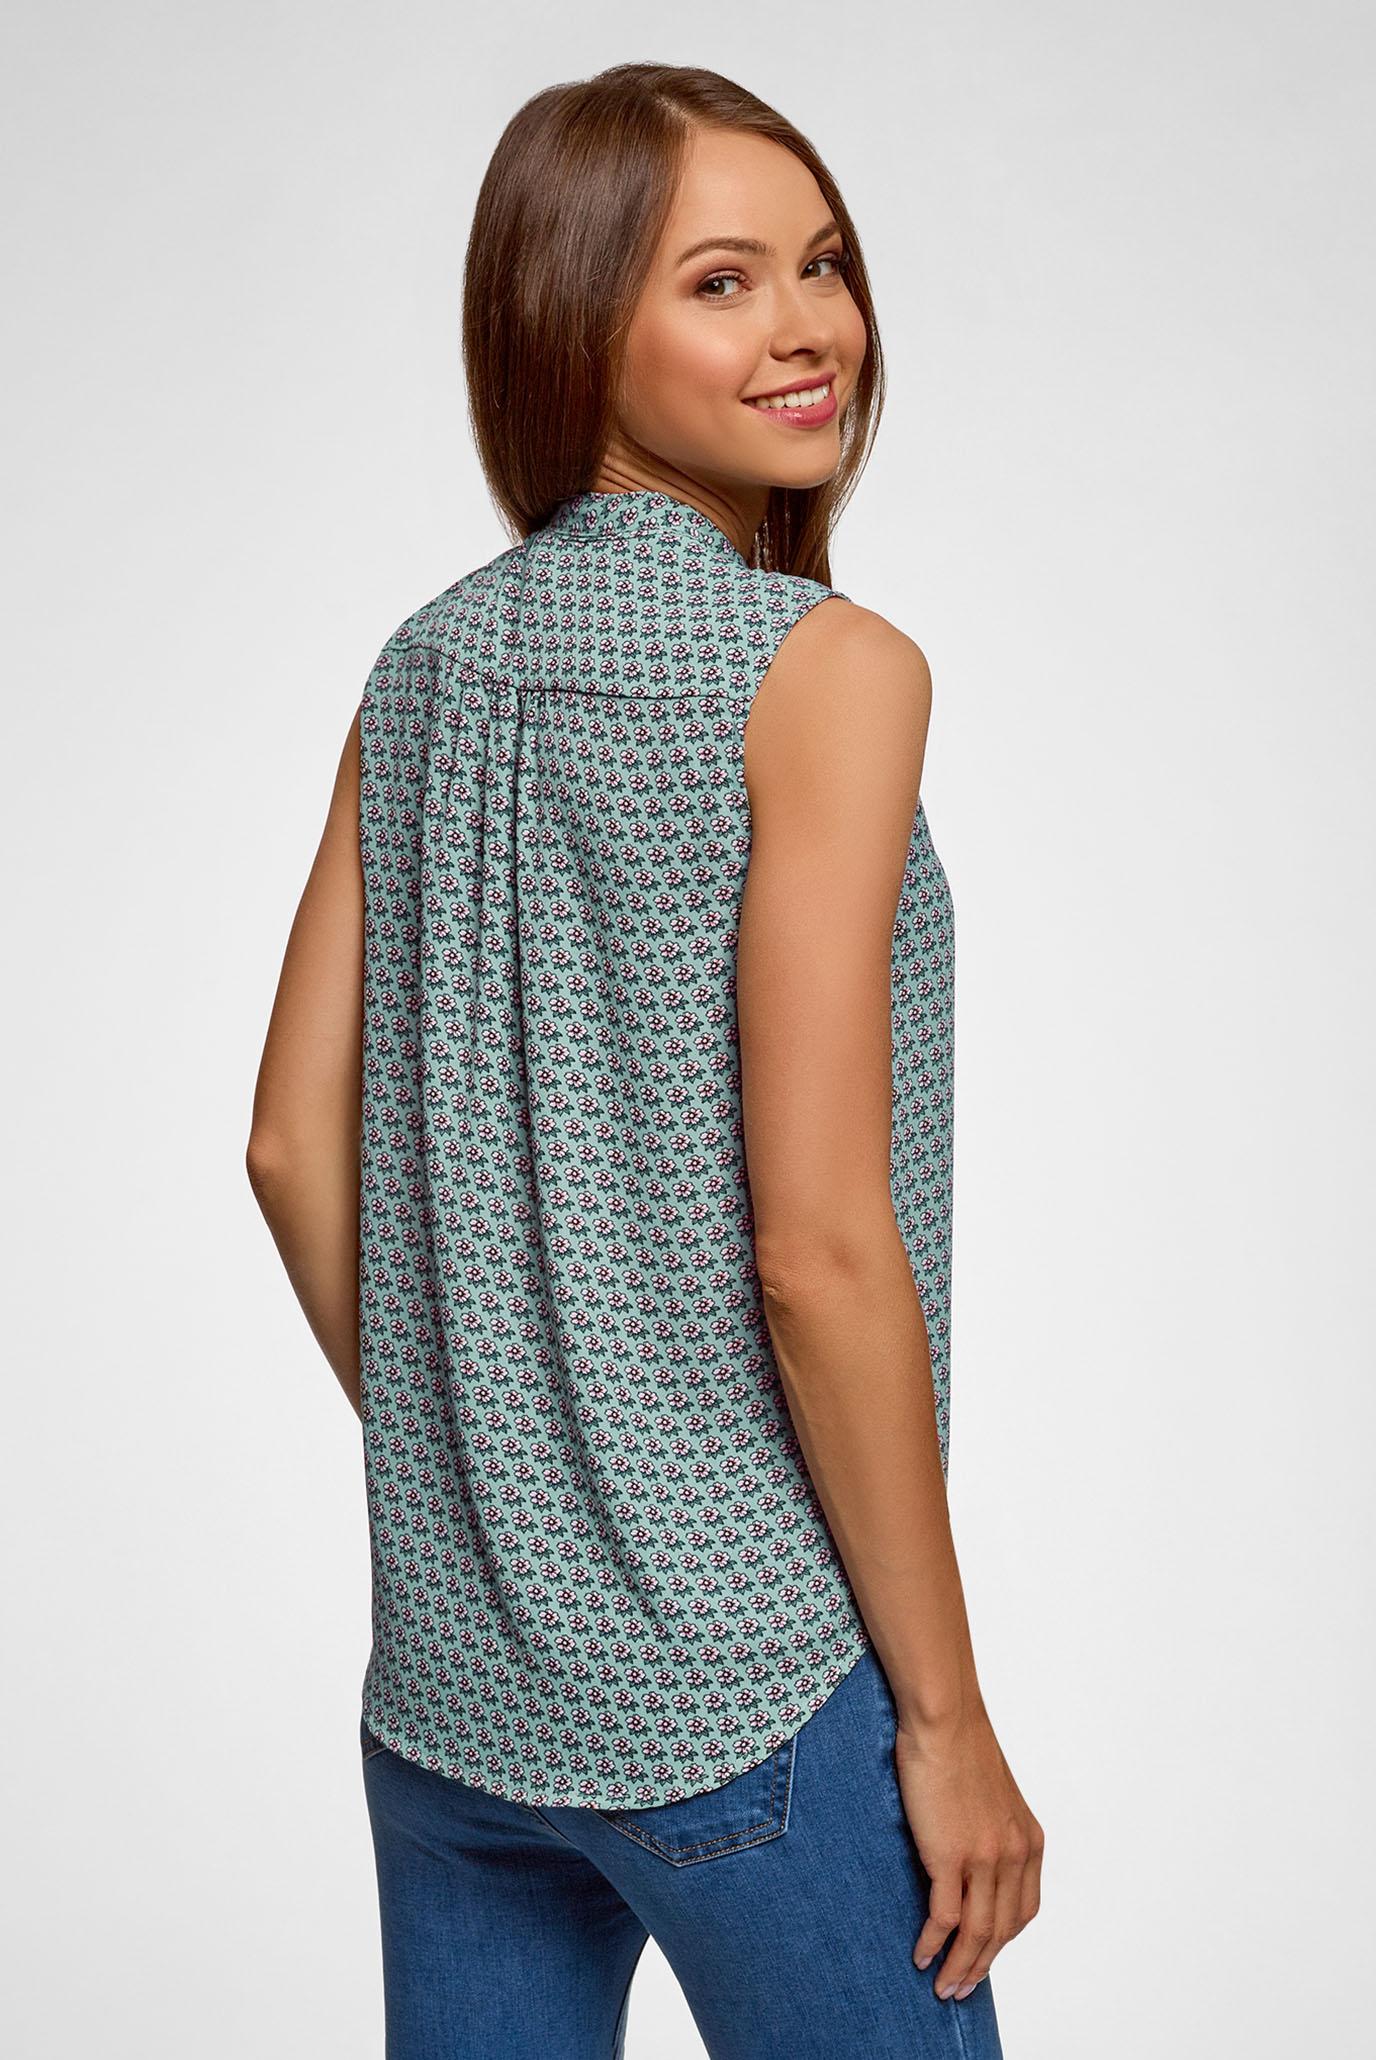 Купить Женская зеленая блуза с принтом Oodji Oodji 24911002-1/36215/6040F – Киев, Украина. Цены в интернет магазине MD Fashion